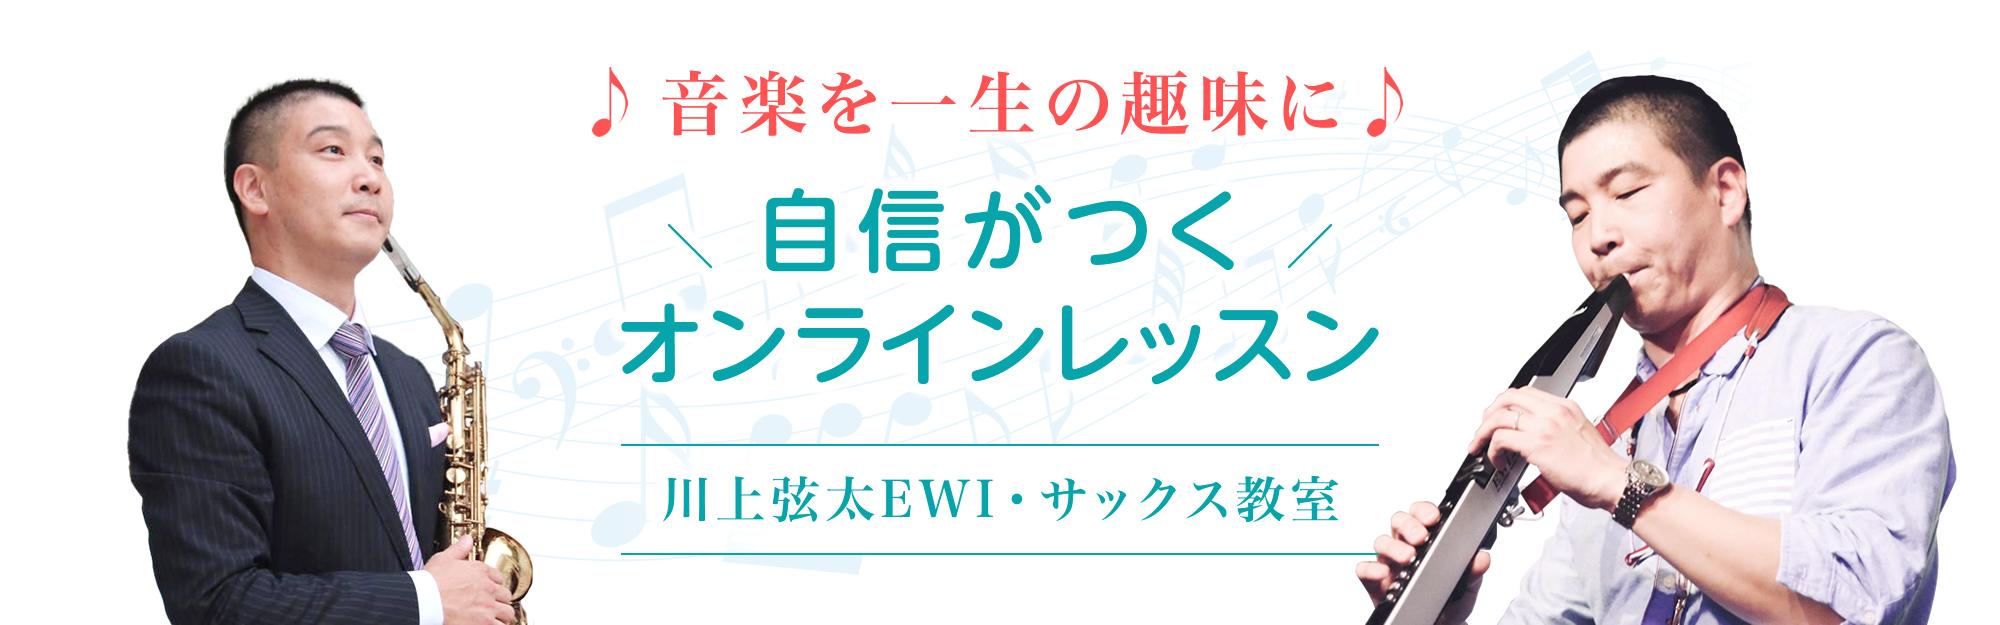 EWI・サックスのオンラインレッスン 川上弦太EWI・サックス教室